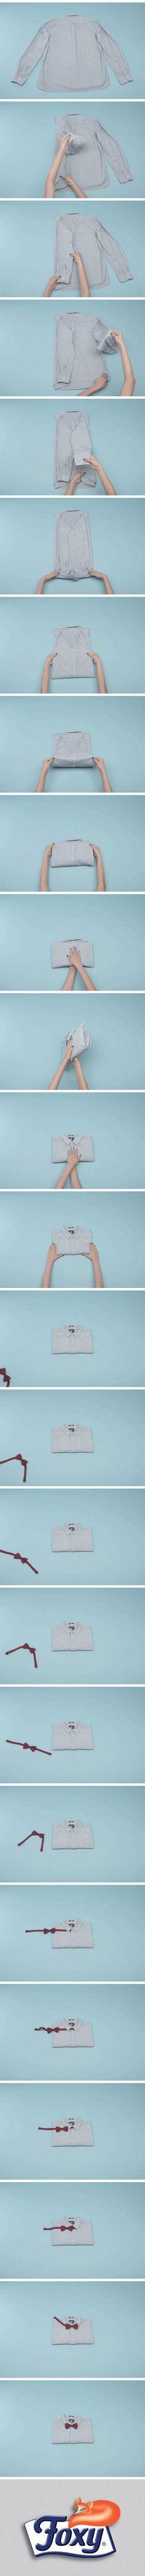 Che siate nati con la camicia o no, prima o poi arriva il momento di indossarne una. Per non trovarla sgualcita quando arriverà quel giorno, imparate a piegarla per bene su http://www.foxymega.it/minimize/impara-tecnica-di-piega.php?id=Camicia_uomo #minimize #foxy #spazio #camicia #piegare #ordine #abbigliamento #organization #ideas #home #space